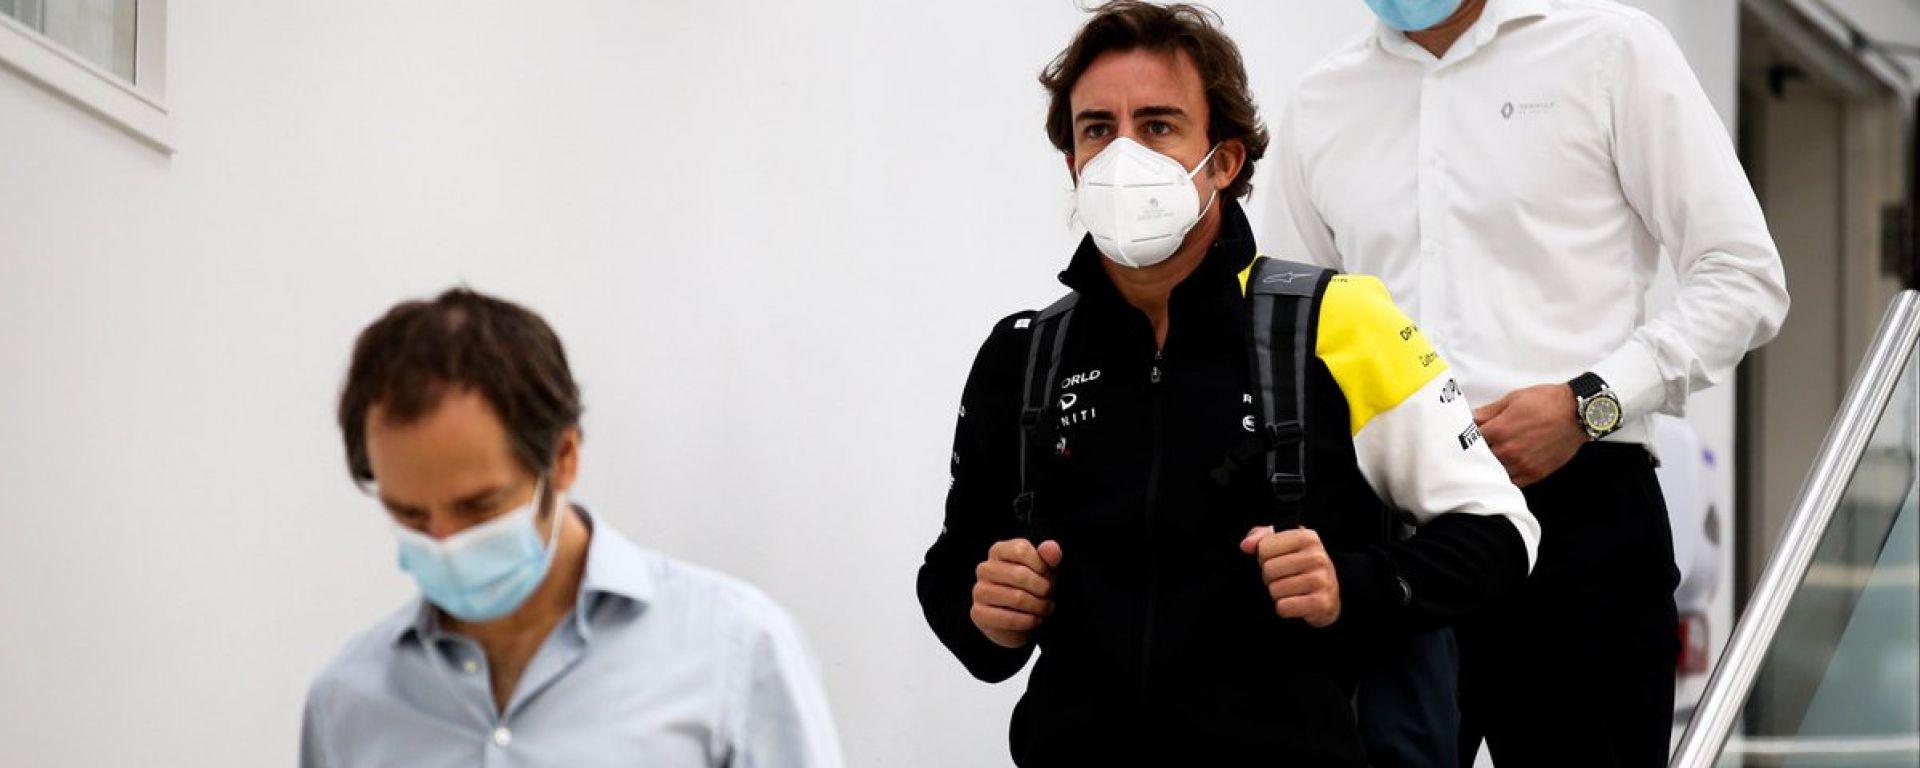 F1: Fernando Alonso durante la sua visita alla sede del team Renault a Enstone